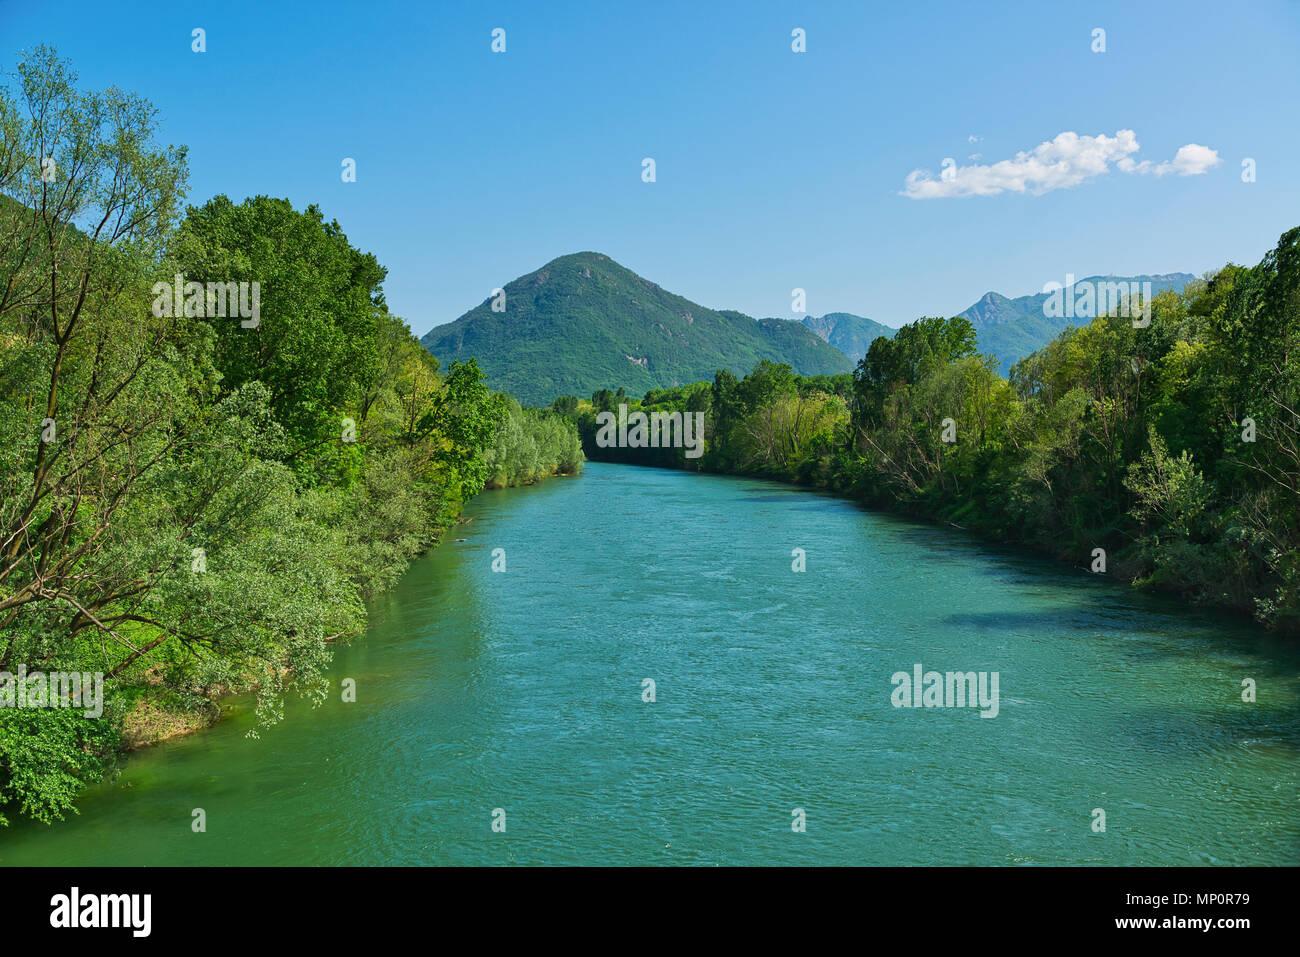 La saison du printemps sur la rivière Toce avec sur les côtés des forêts et montagnes en arrière-plan et nuages dans le ciel Photo Stock